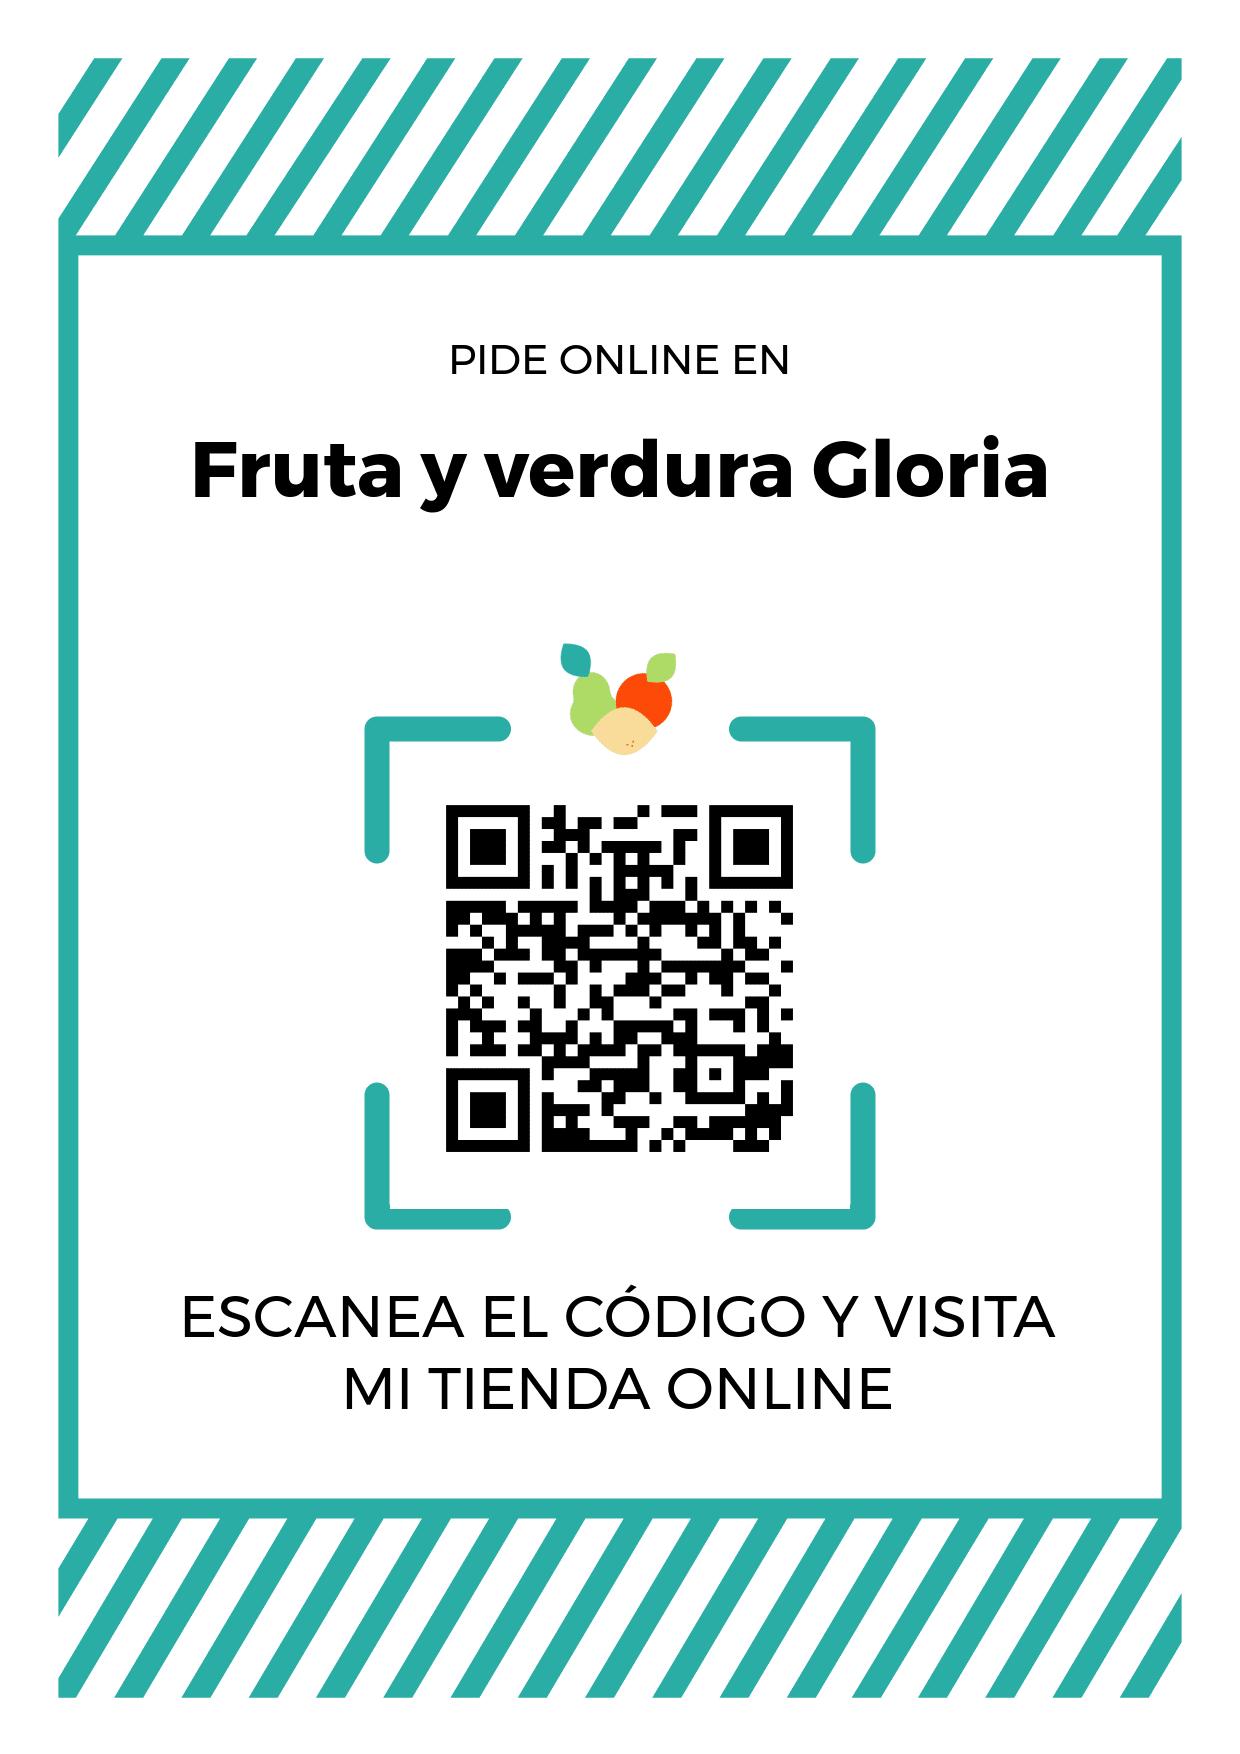 Cartel Póster de Código QR para tienda de Fruta y verdura